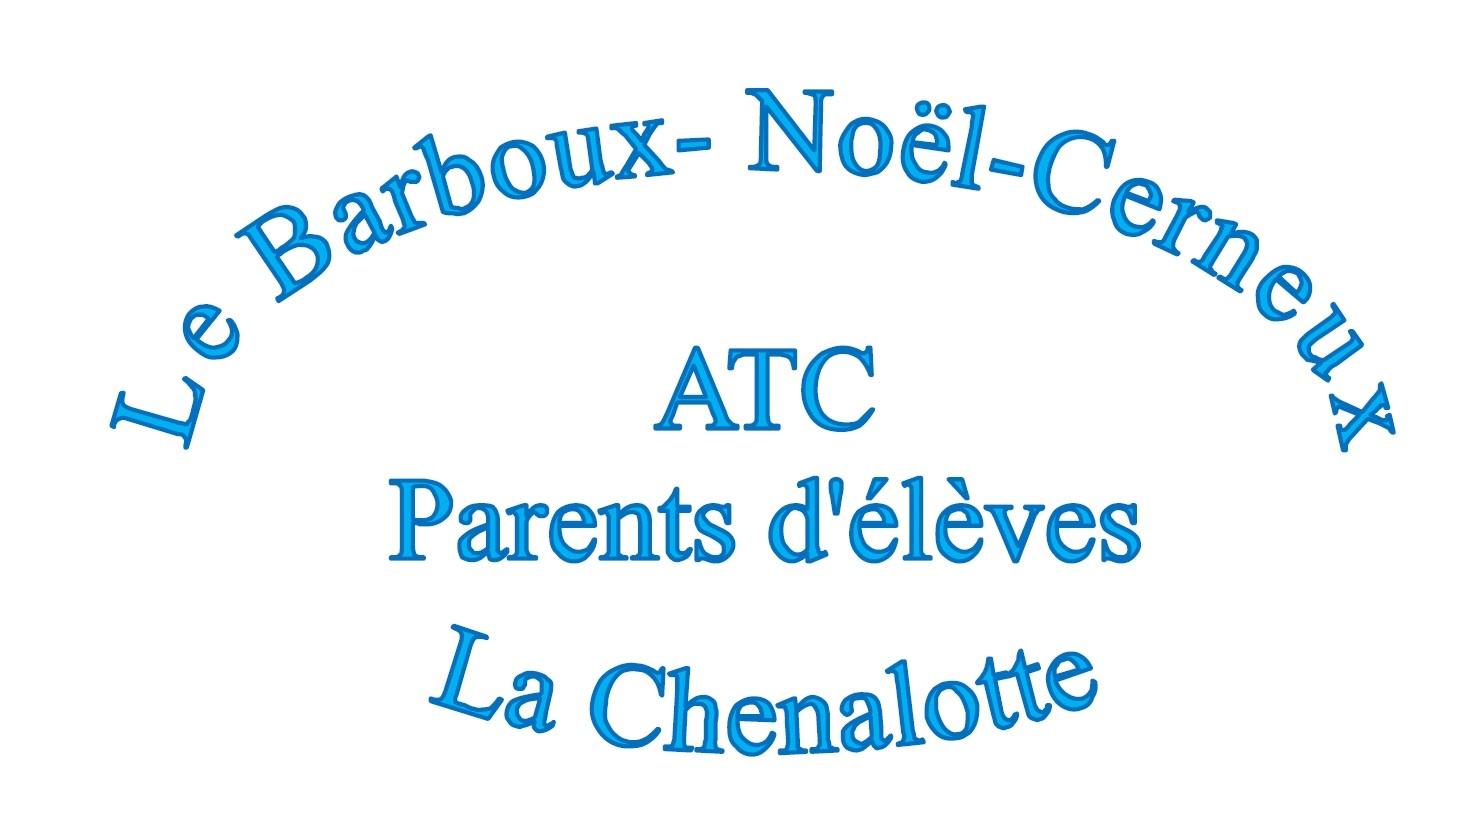 AG de l'ATC : une association active malgré le contexte sanitaire